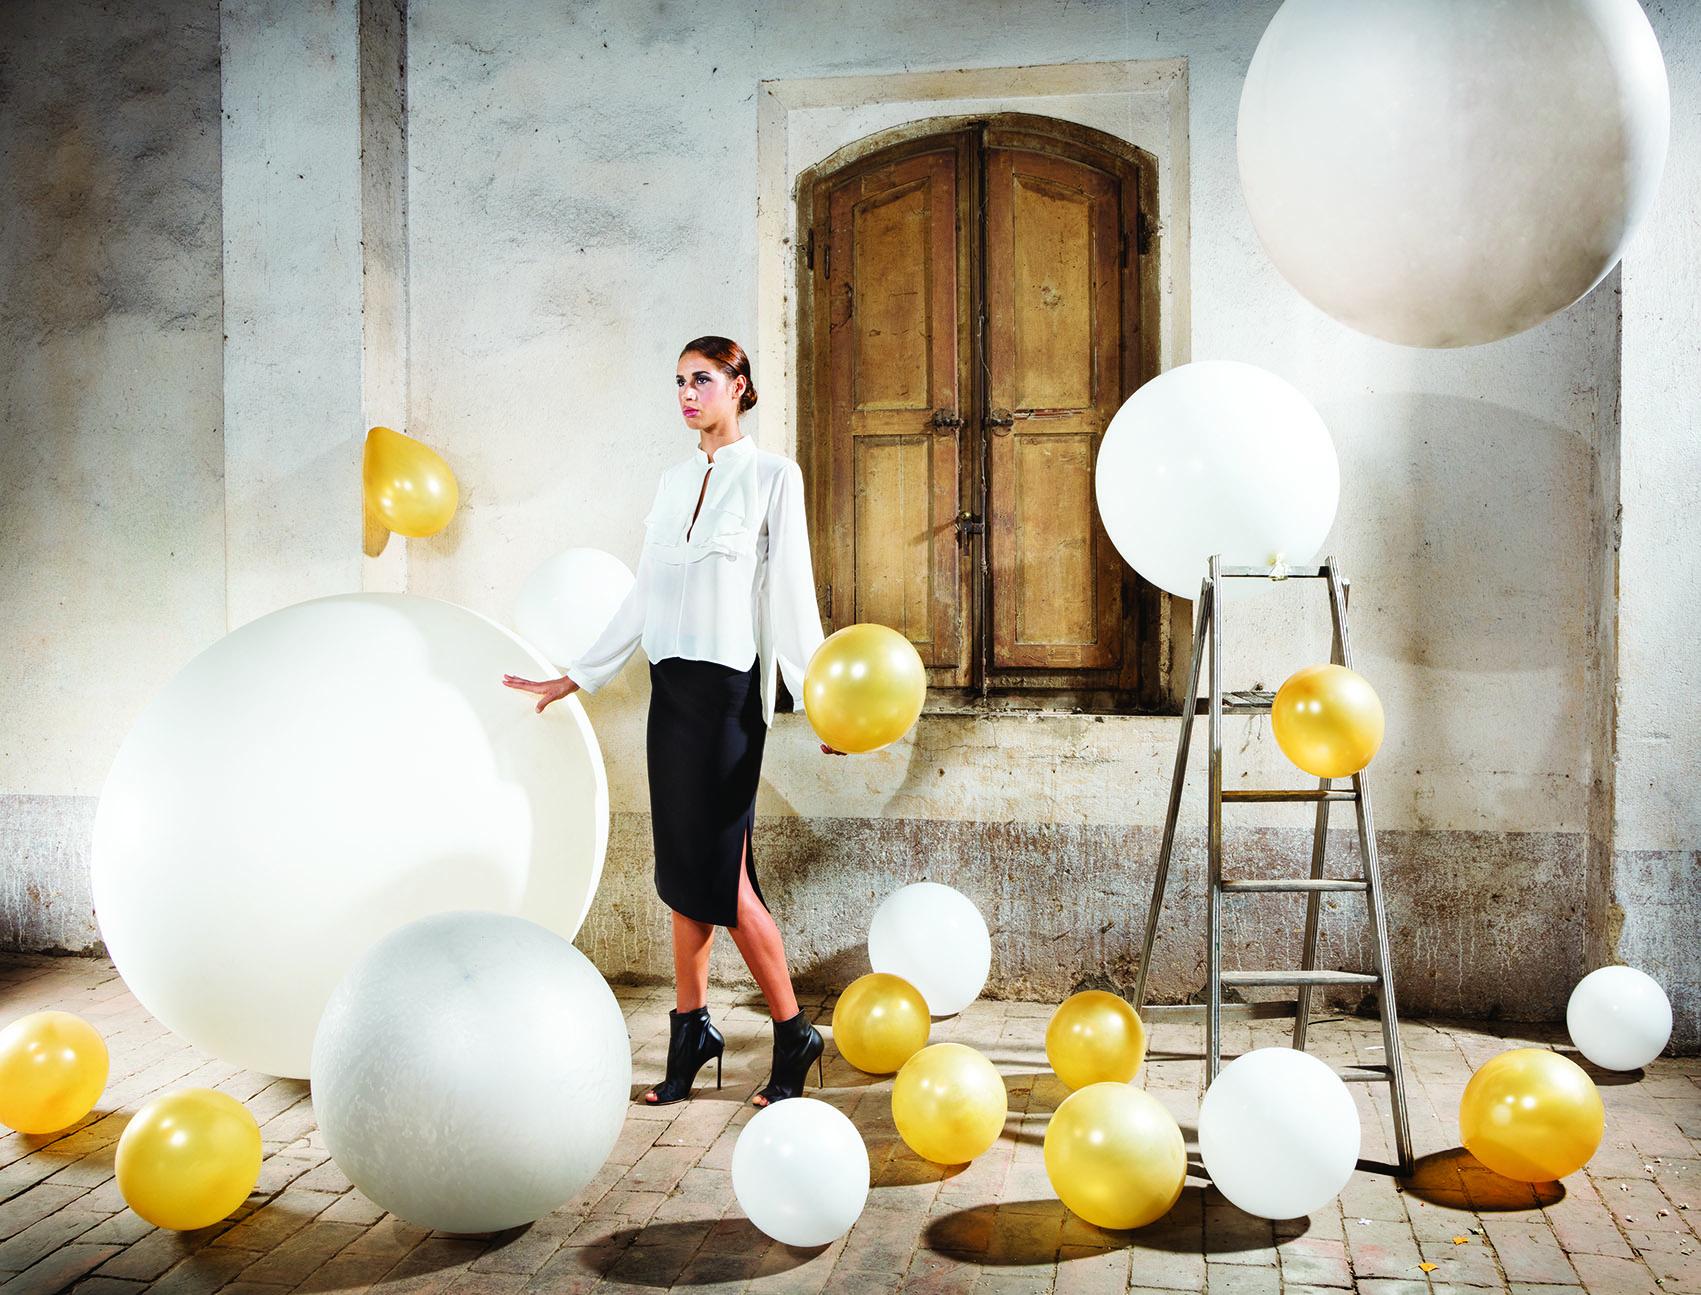 Fashion | Losan Piatti - Fotografo Toscana_Allyson-White-2016_08